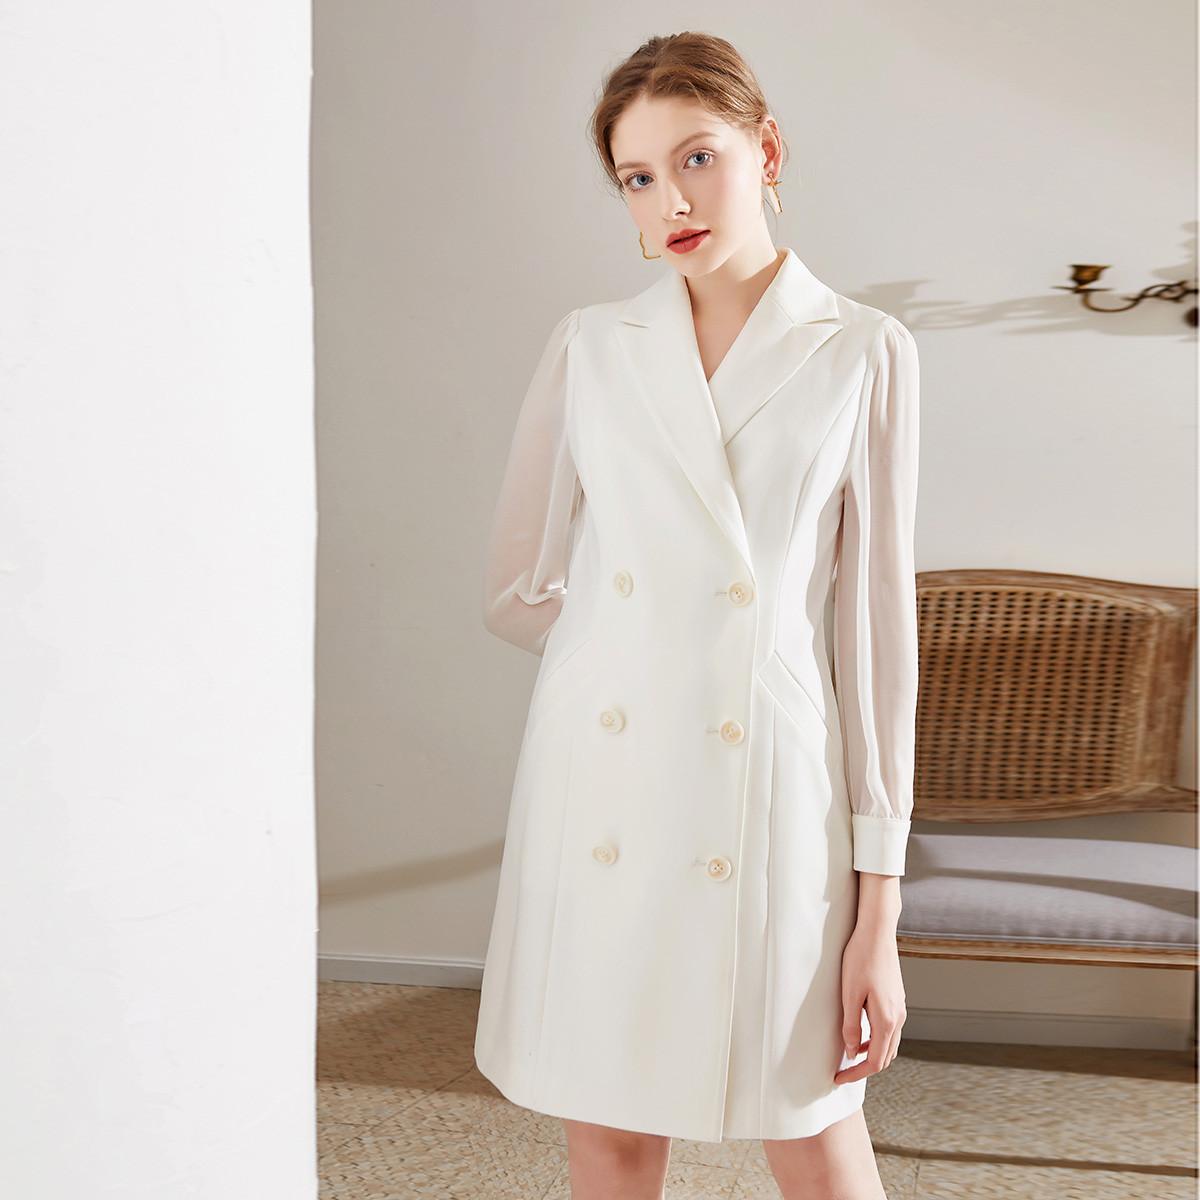 选择戈蔓婷品牌女装加盟 打开美丽与财富的大门